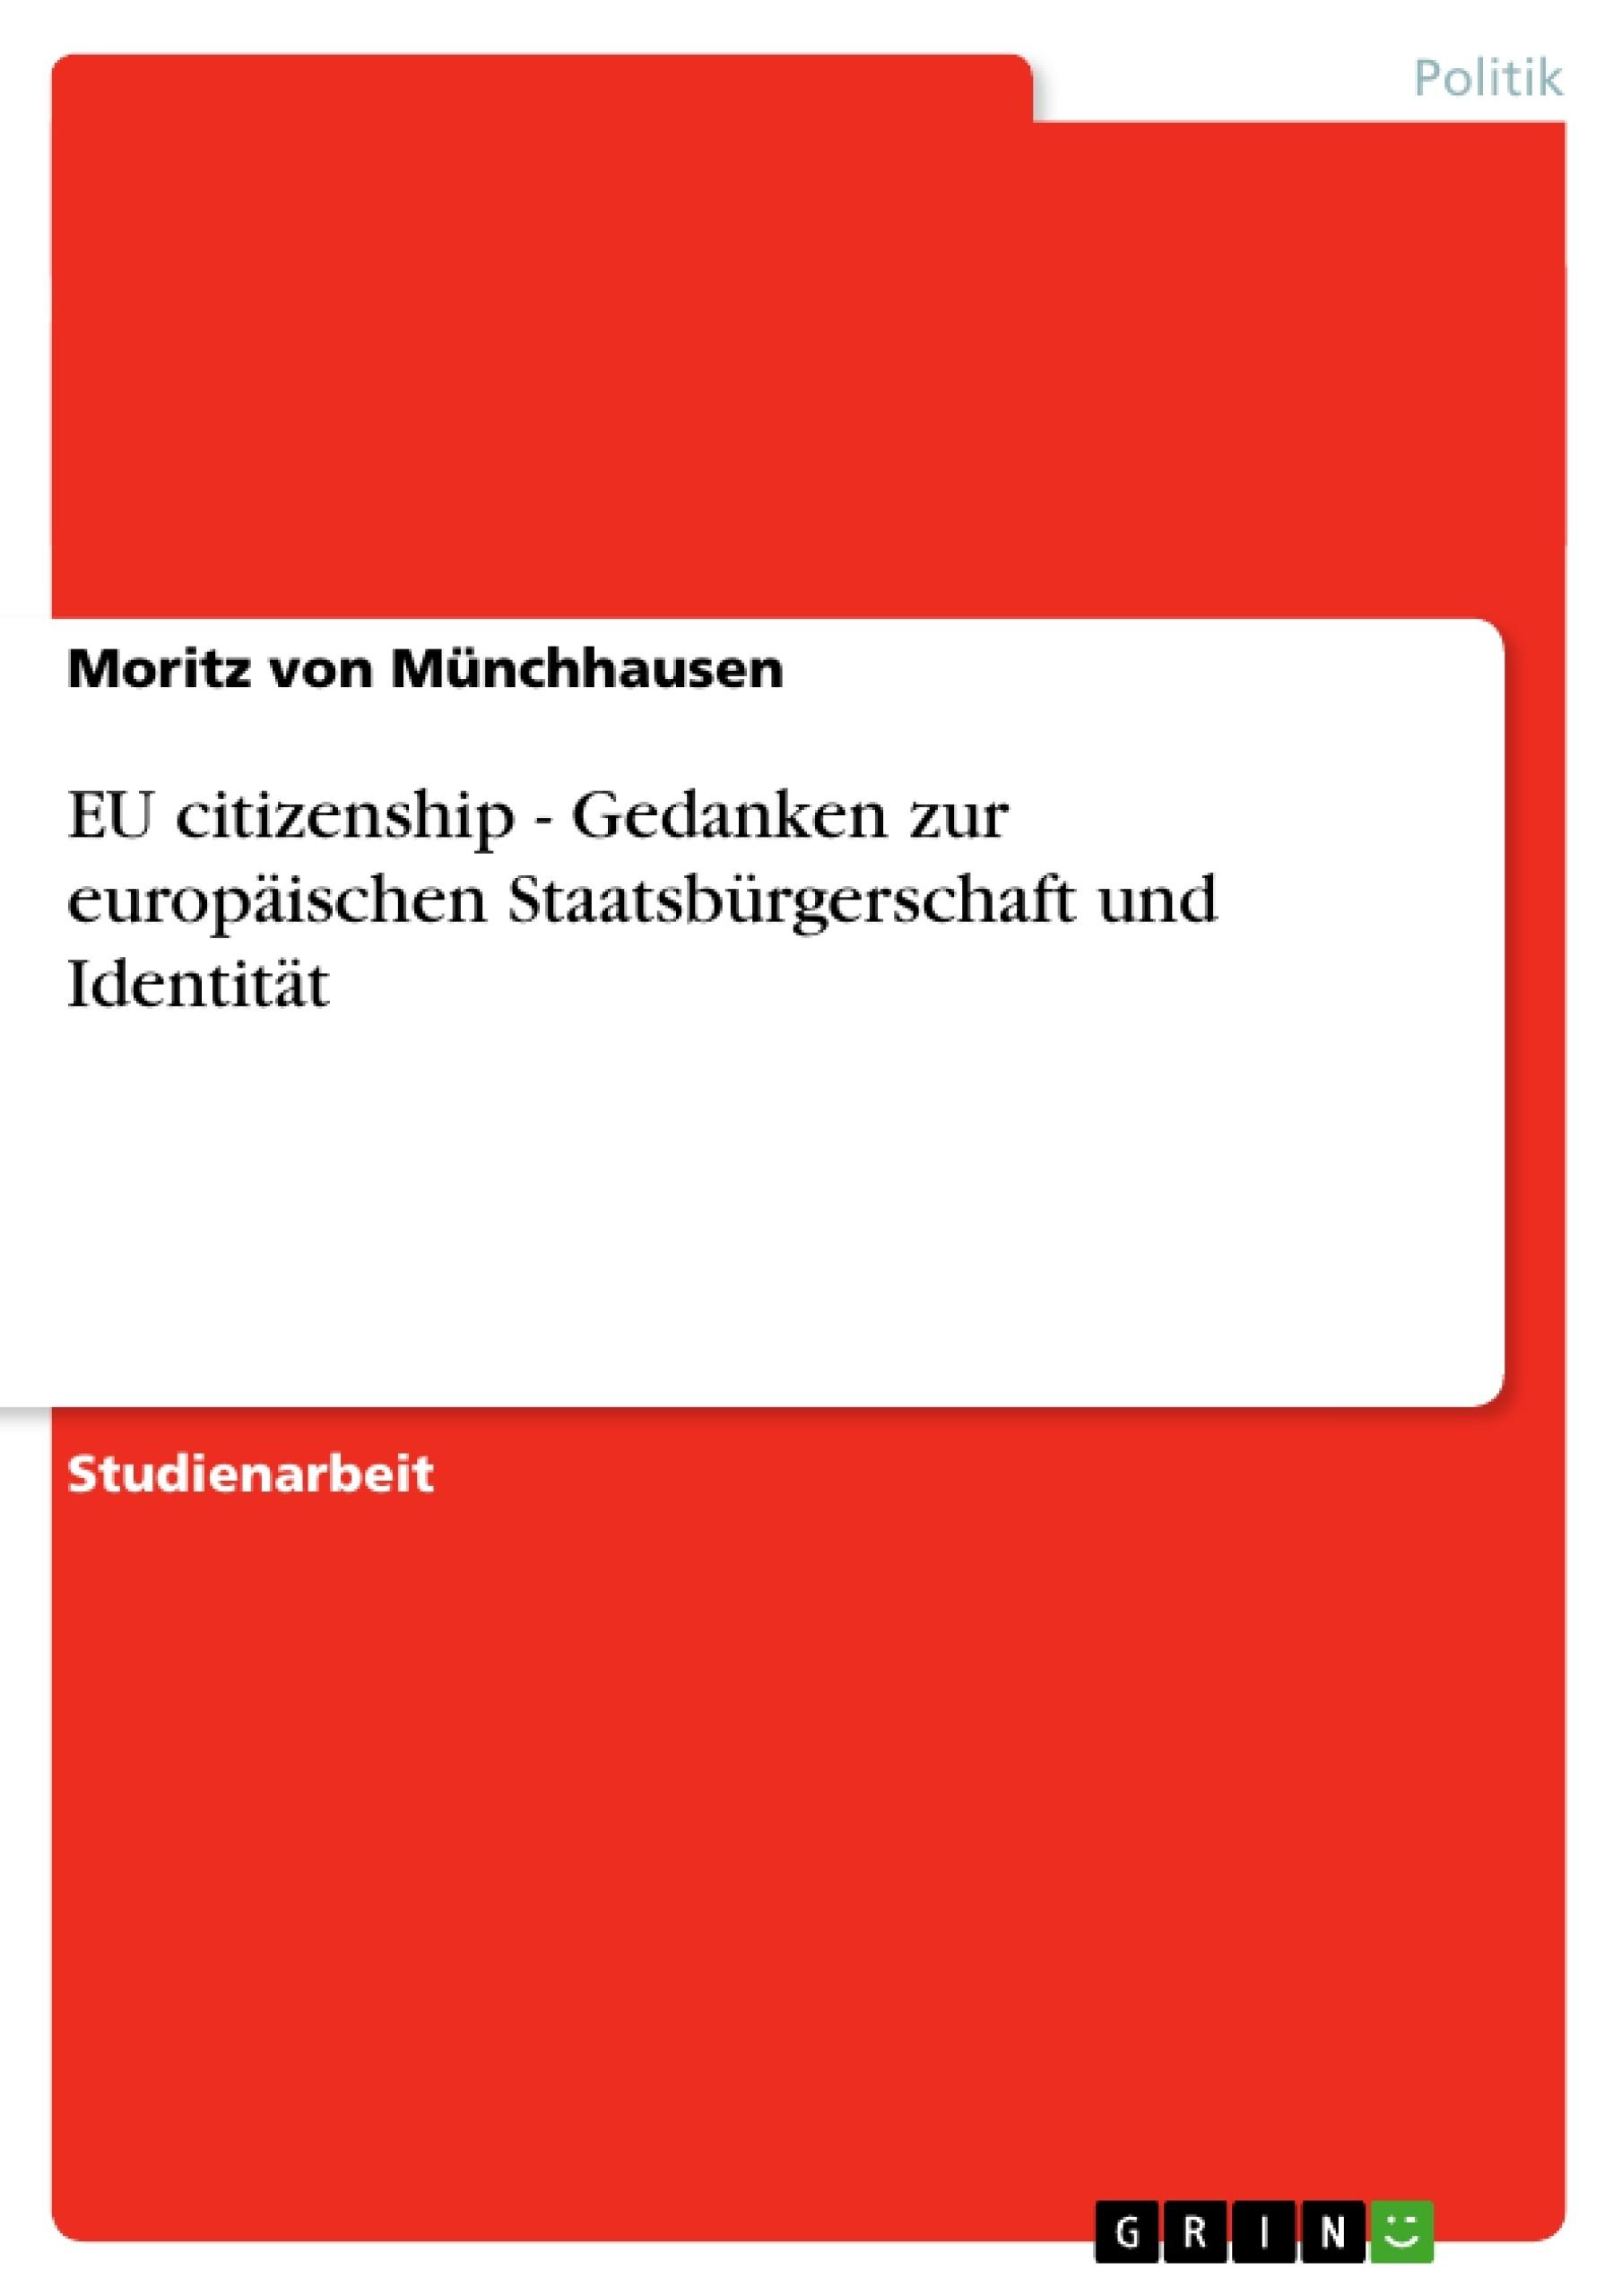 Titel: EU citizenship - Gedanken zur europäischen Staatsbürgerschaft und Identität